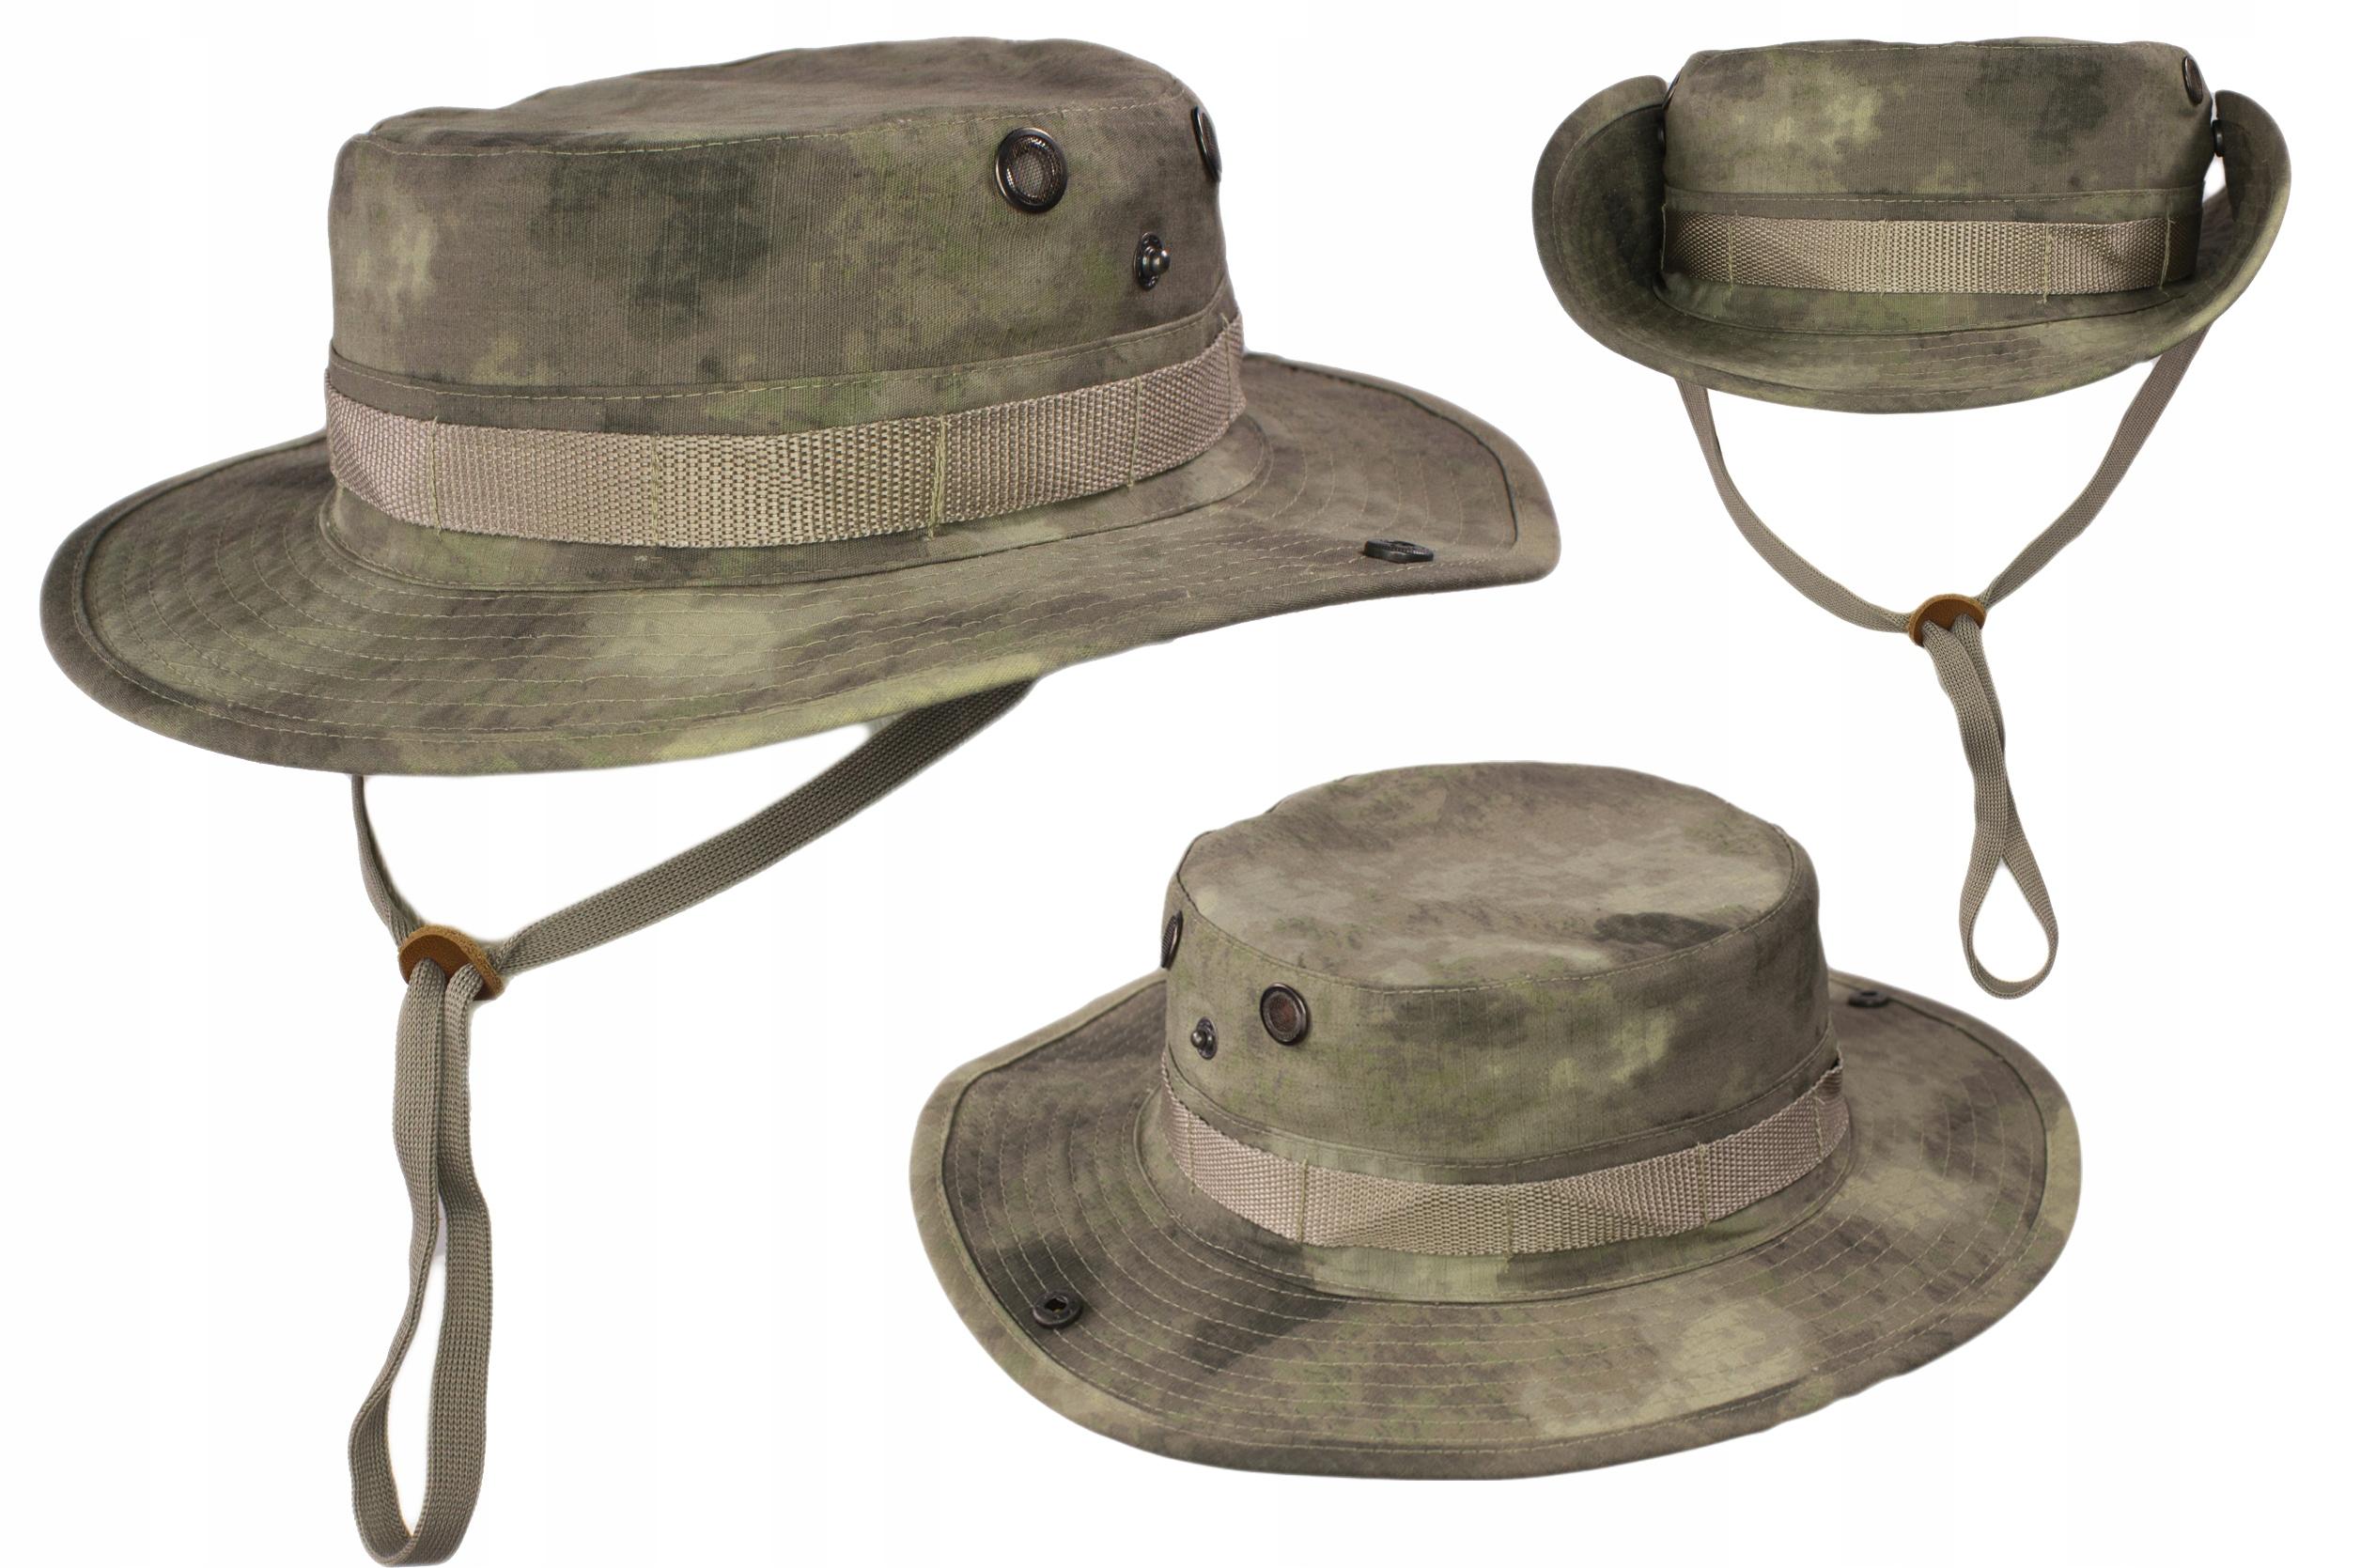 8a1ffe7f7374 Шляпы купить в Украине, Киеве из Европы: цены в интернет-магазине LuxPL